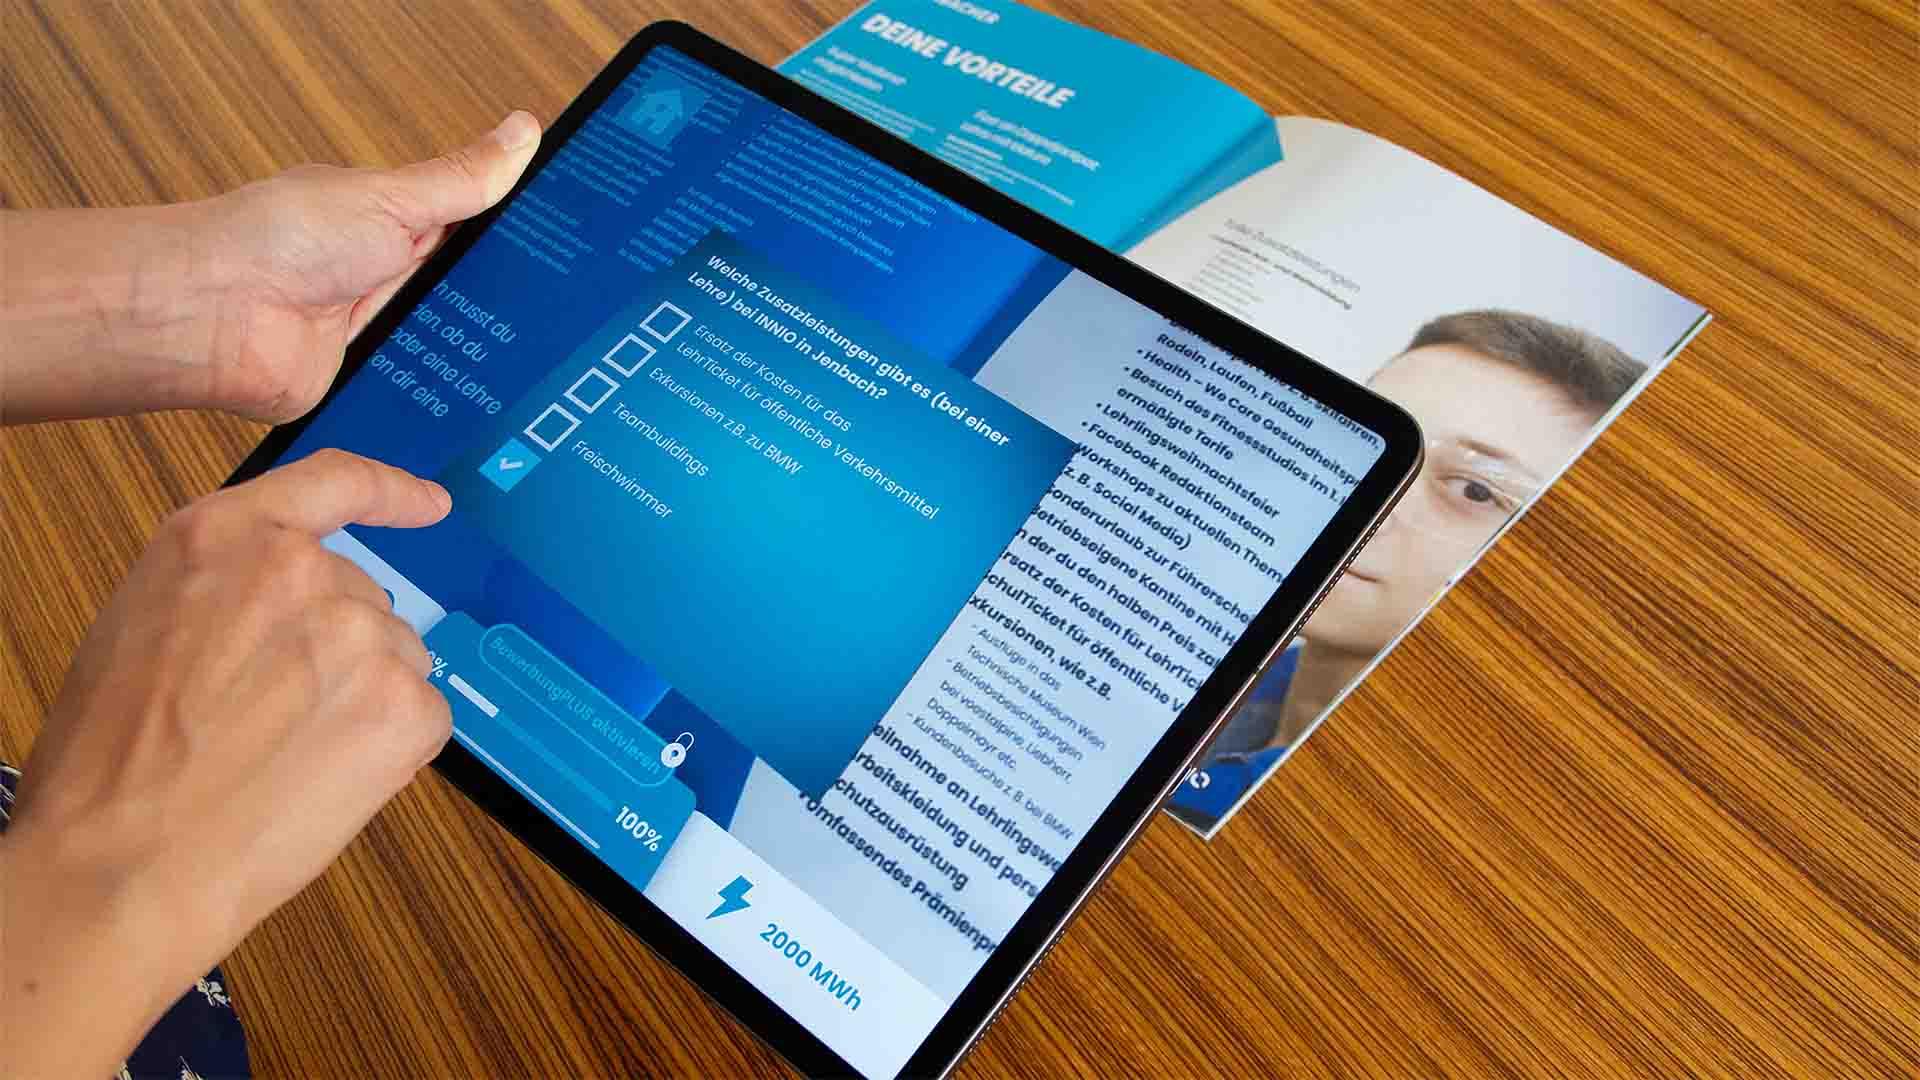 """Die Augmented Reality App """"Lehre bei Innio"""" erweitert den gedruckten Lehrlingsfolder mit virtuellen Inhalten, die nach und nach freigeschaltet werden."""